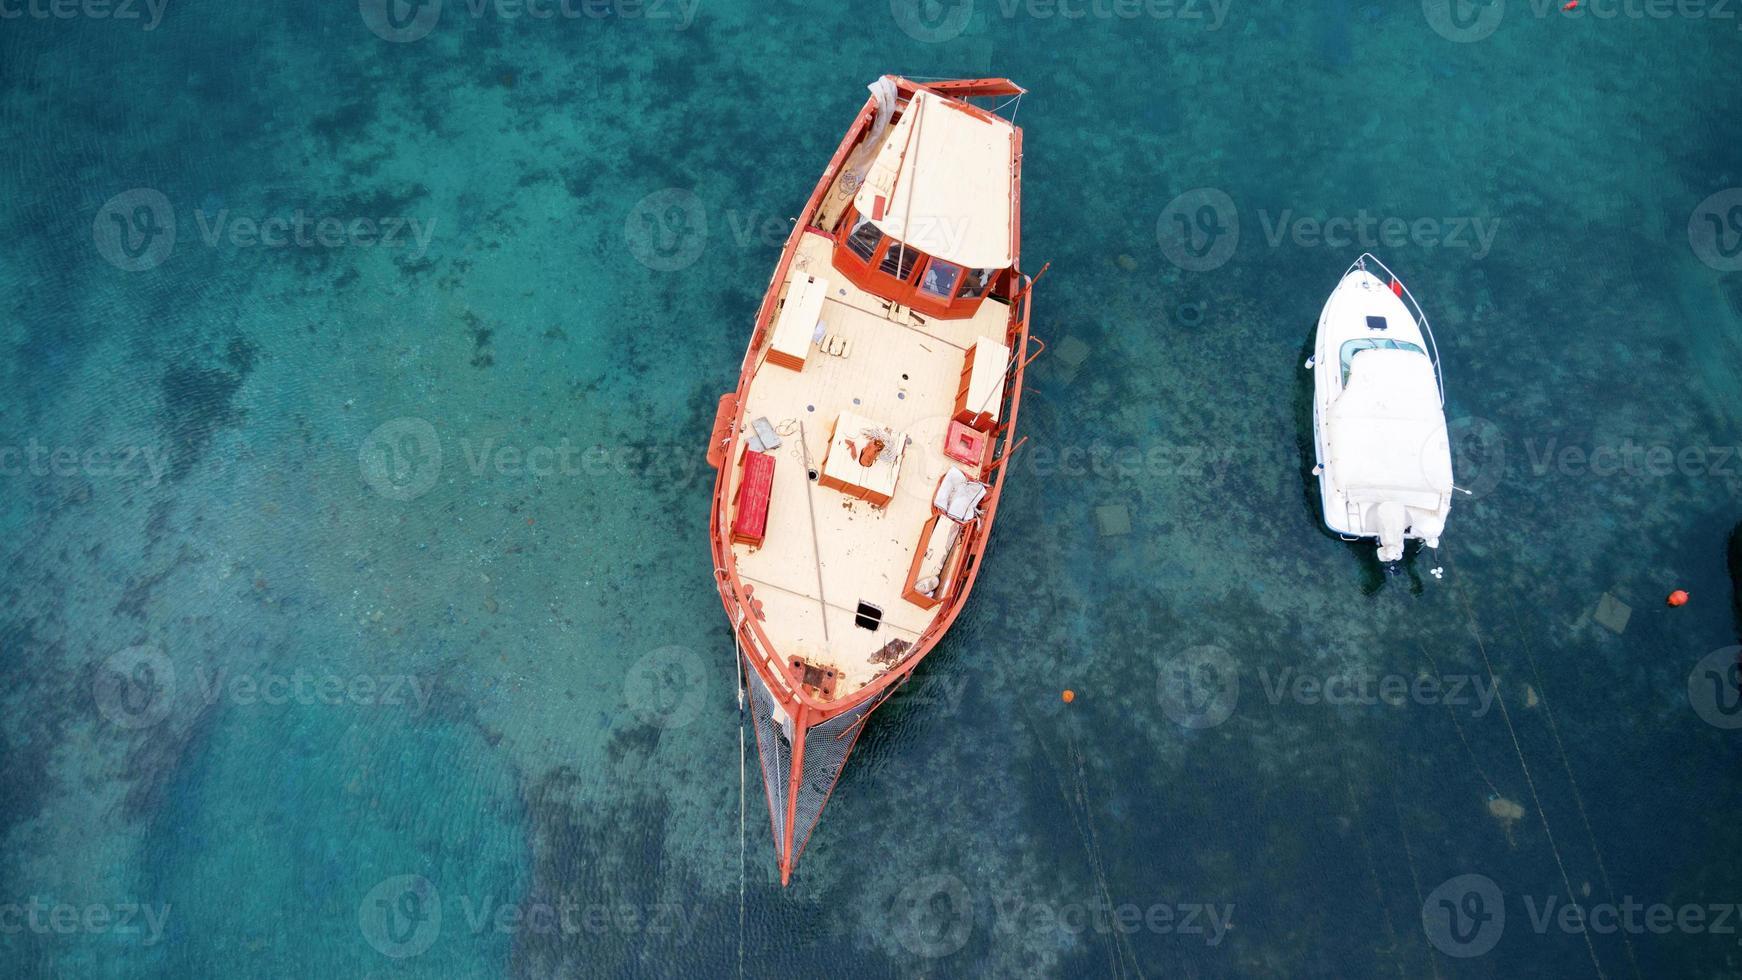 vue aérienne d'un bateau en bois dans la mer photo